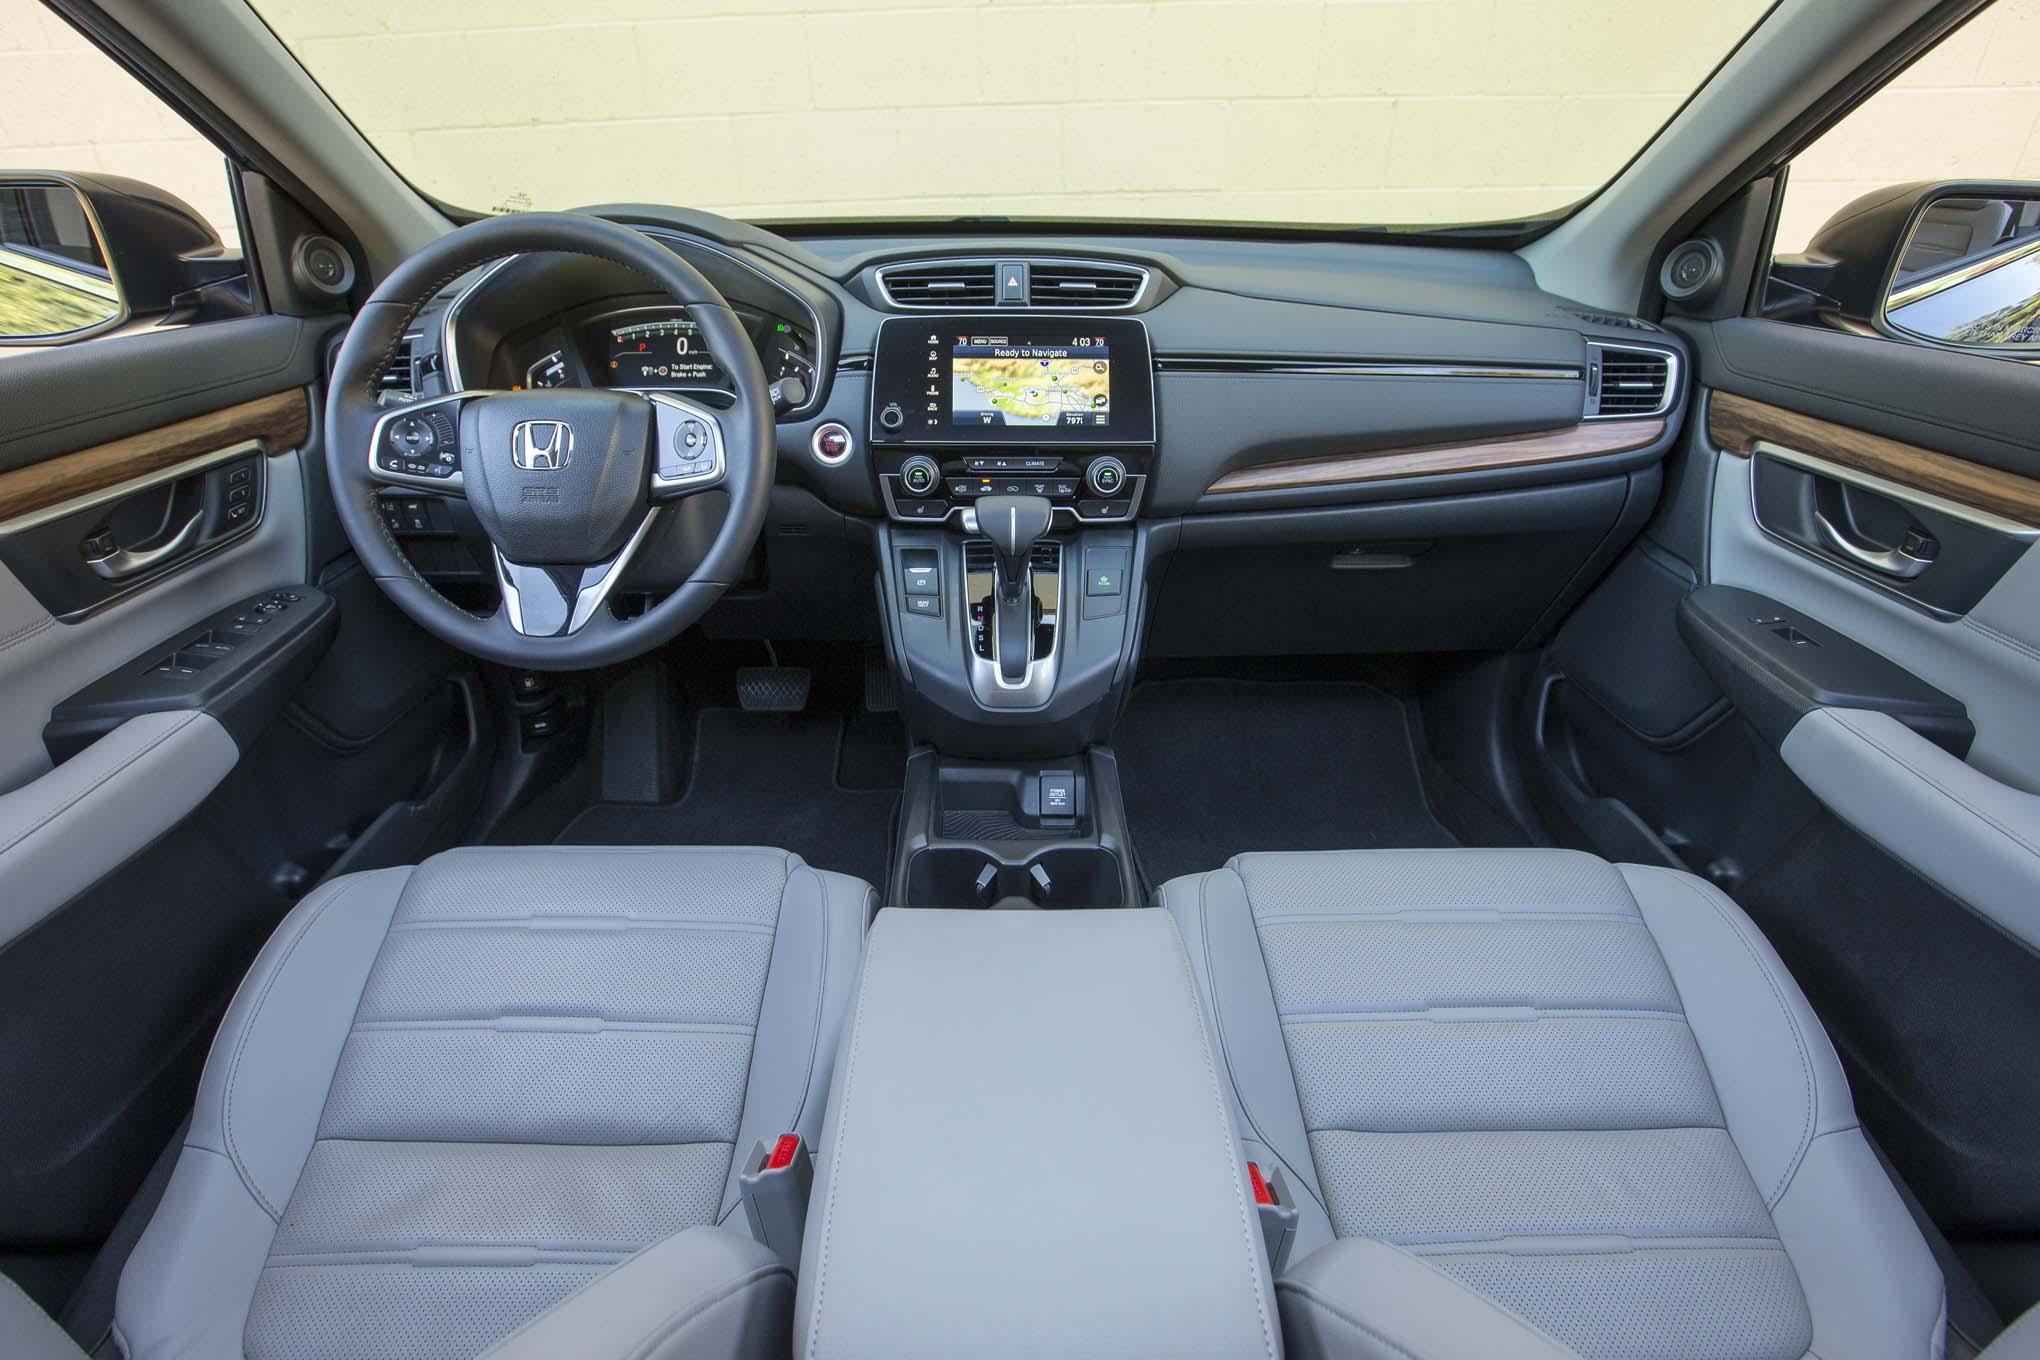 Comparativa Honda Cr V 2017 Vs Mazda Cx 5 2017 Motor